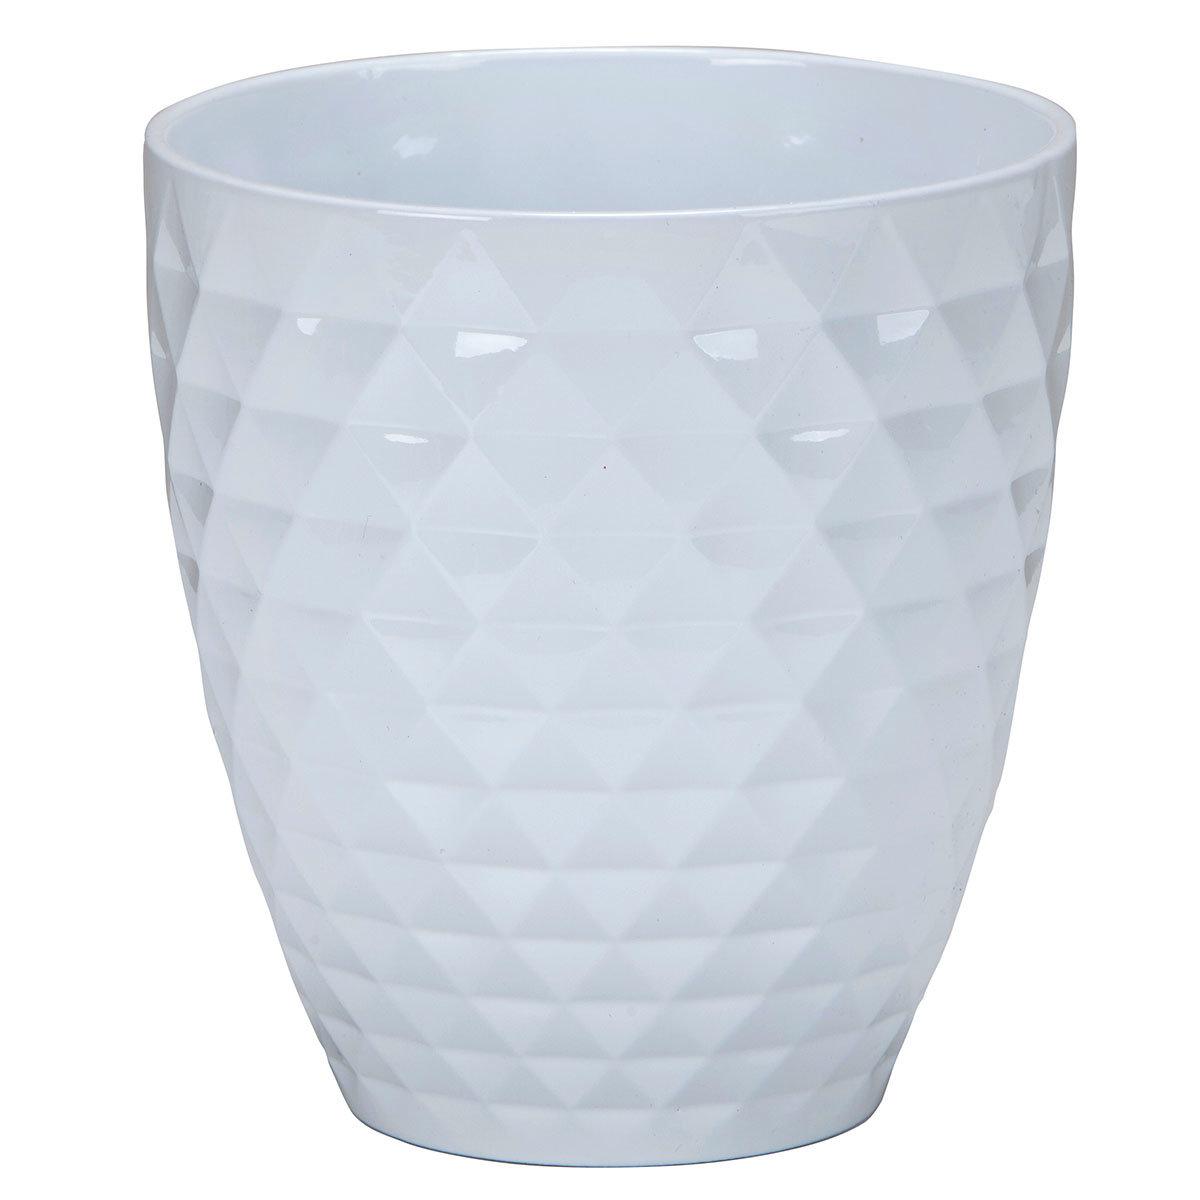 Keramik-Orchideengefäß Alaska, rund, 17,3x16,3x16,3 cm, weiß